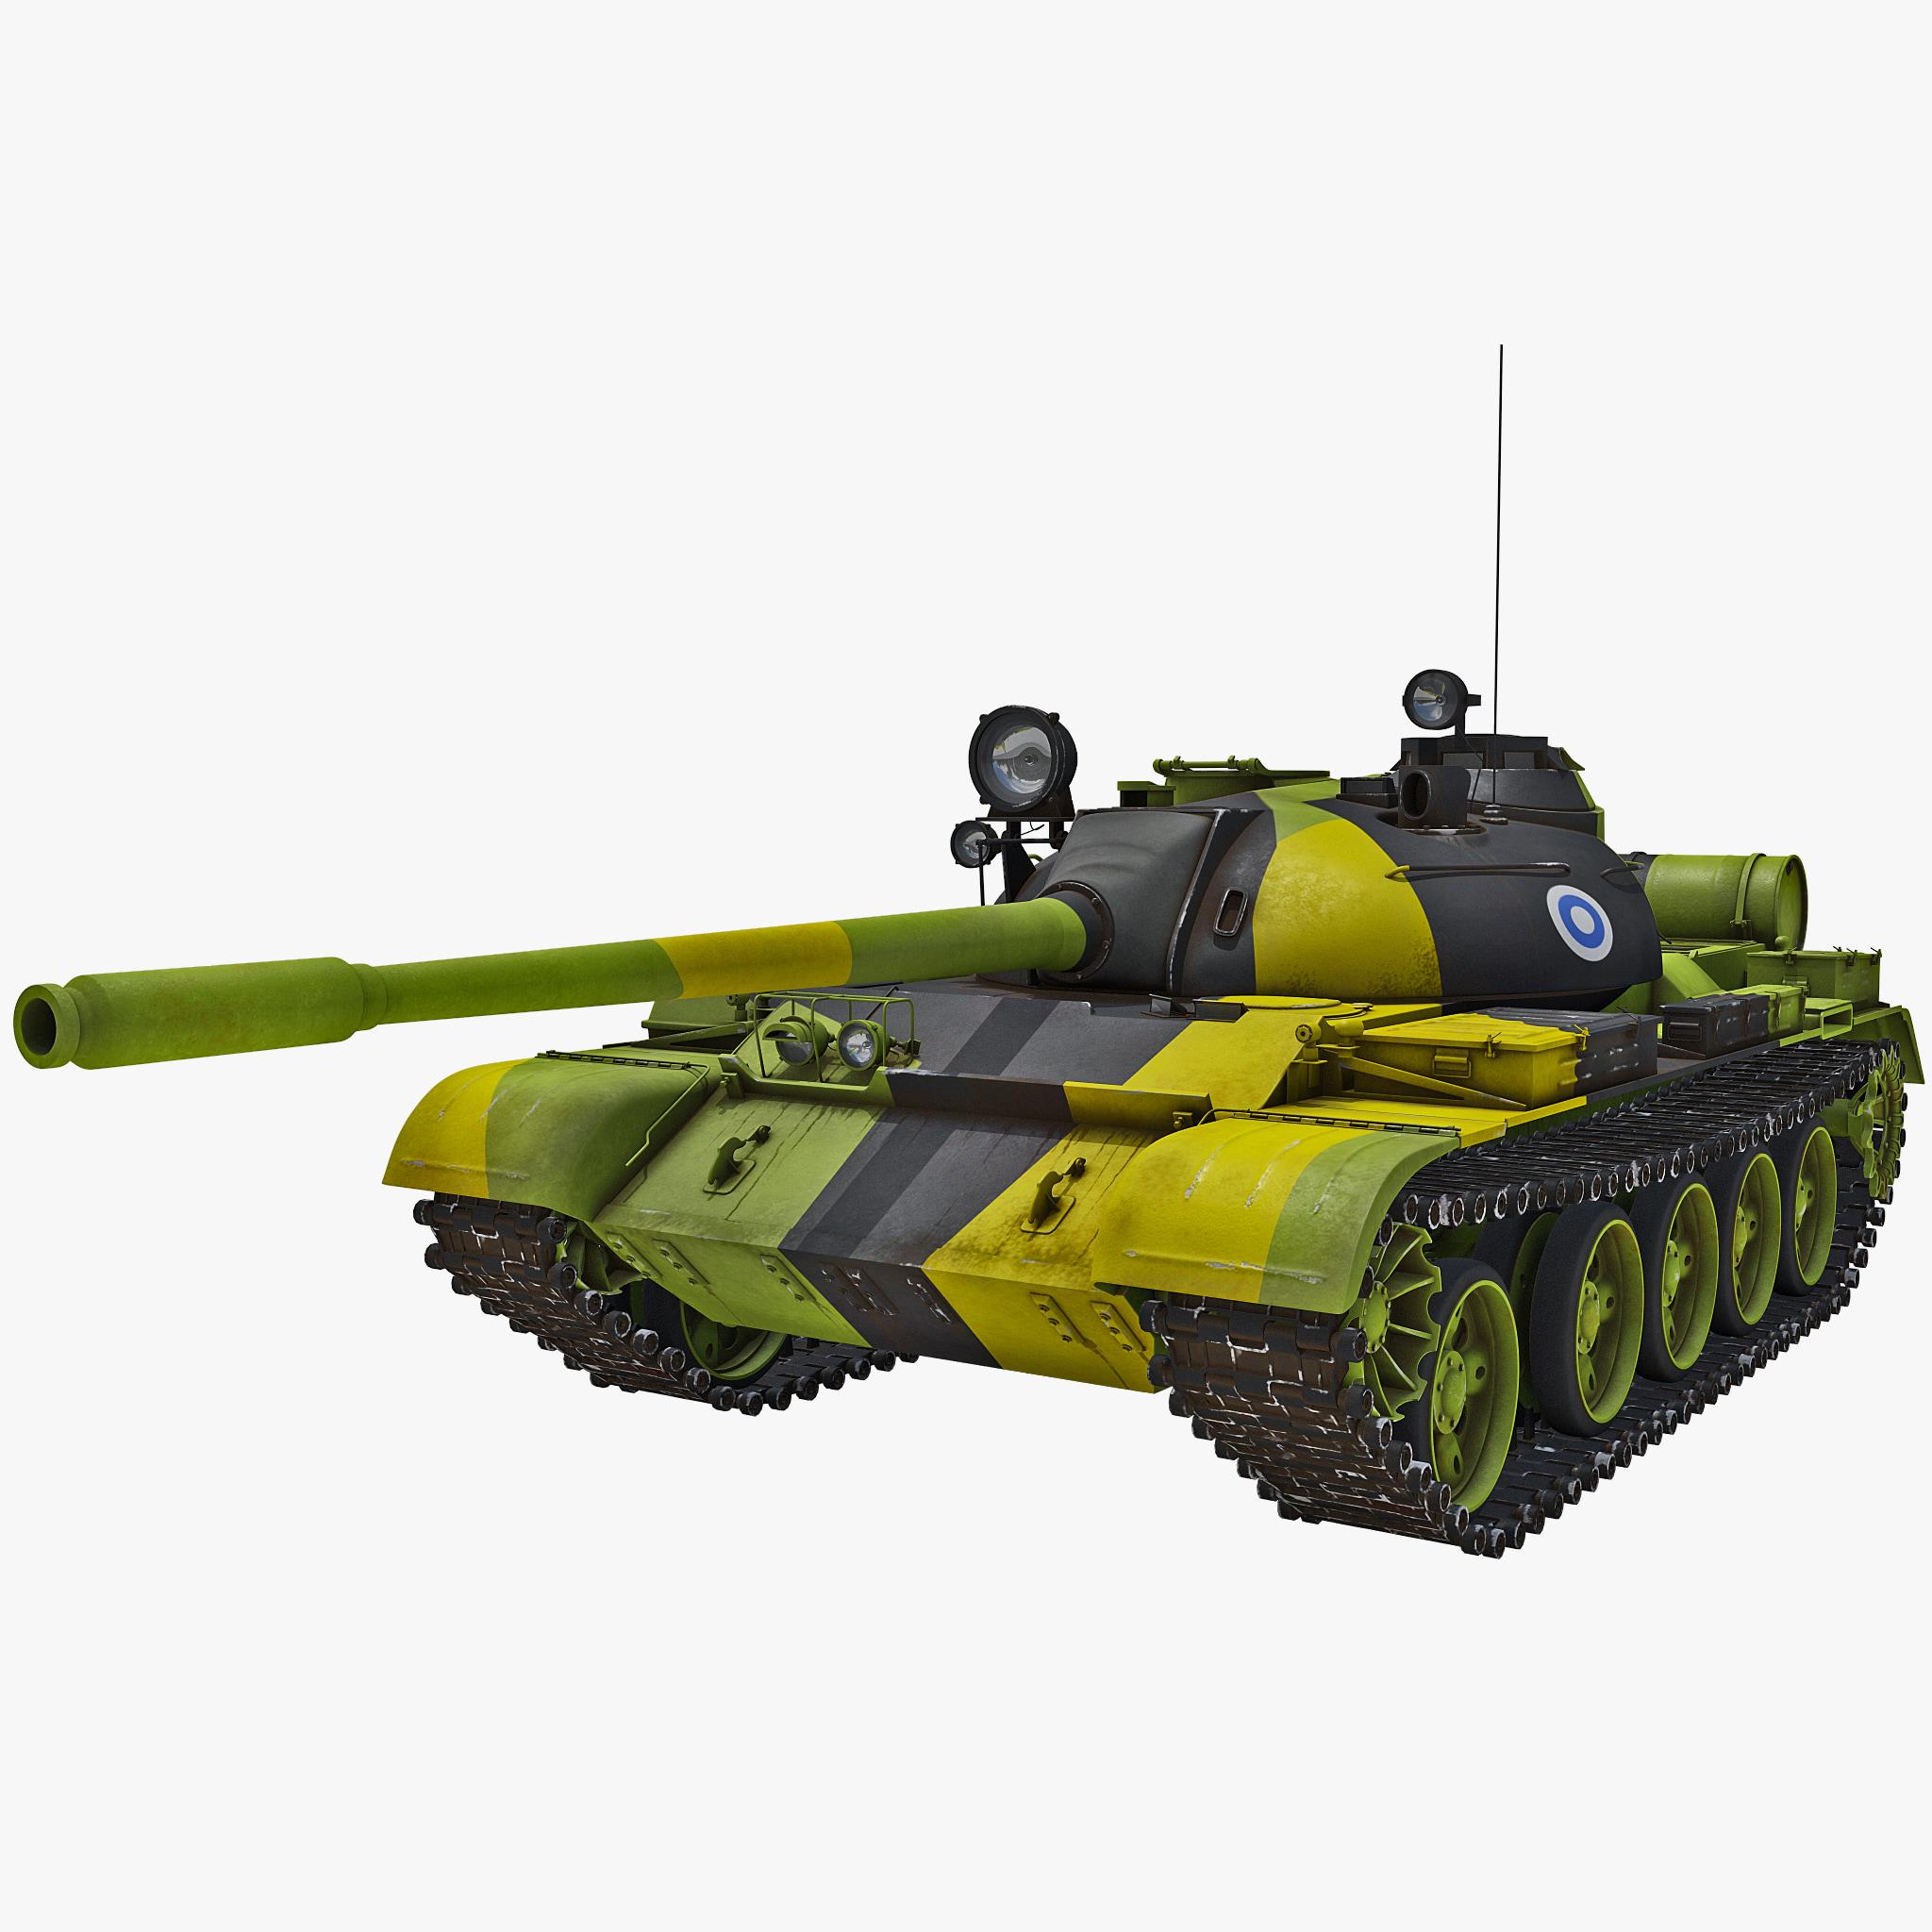 Soviet Union Main Battle Tank T-55_1.jpg